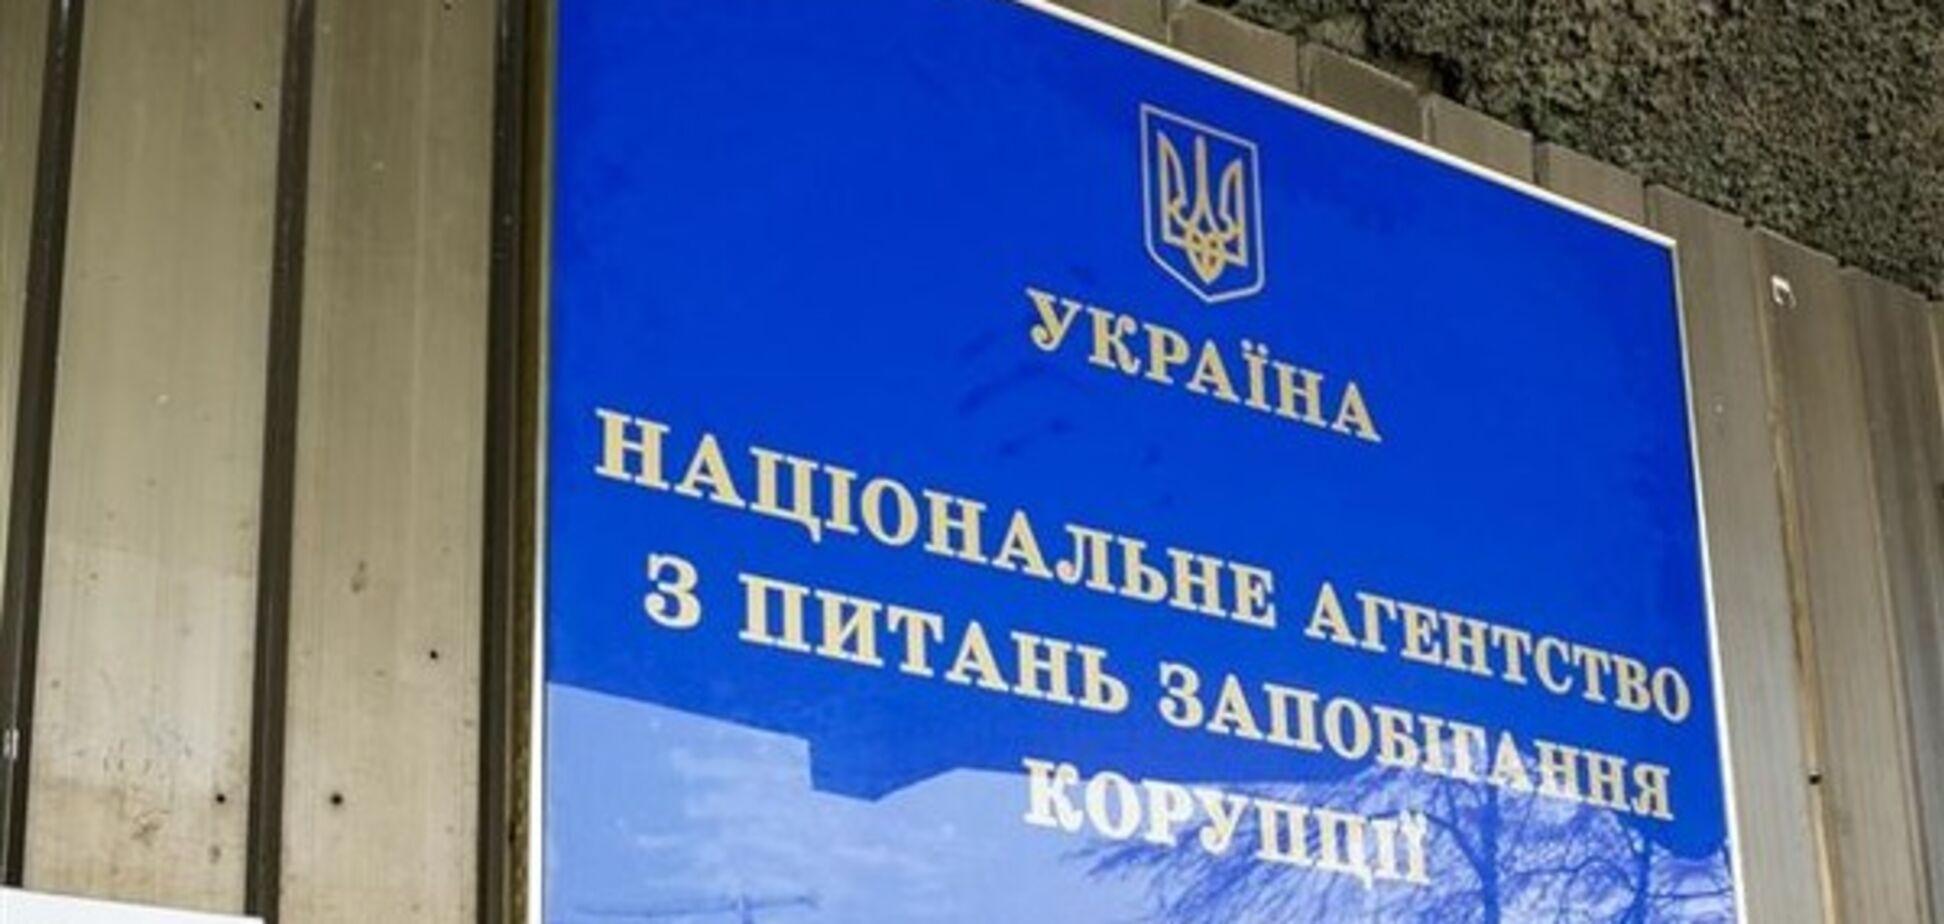 Кубів, Князєв і інші: НАЗК взялося за топ-чиновників України